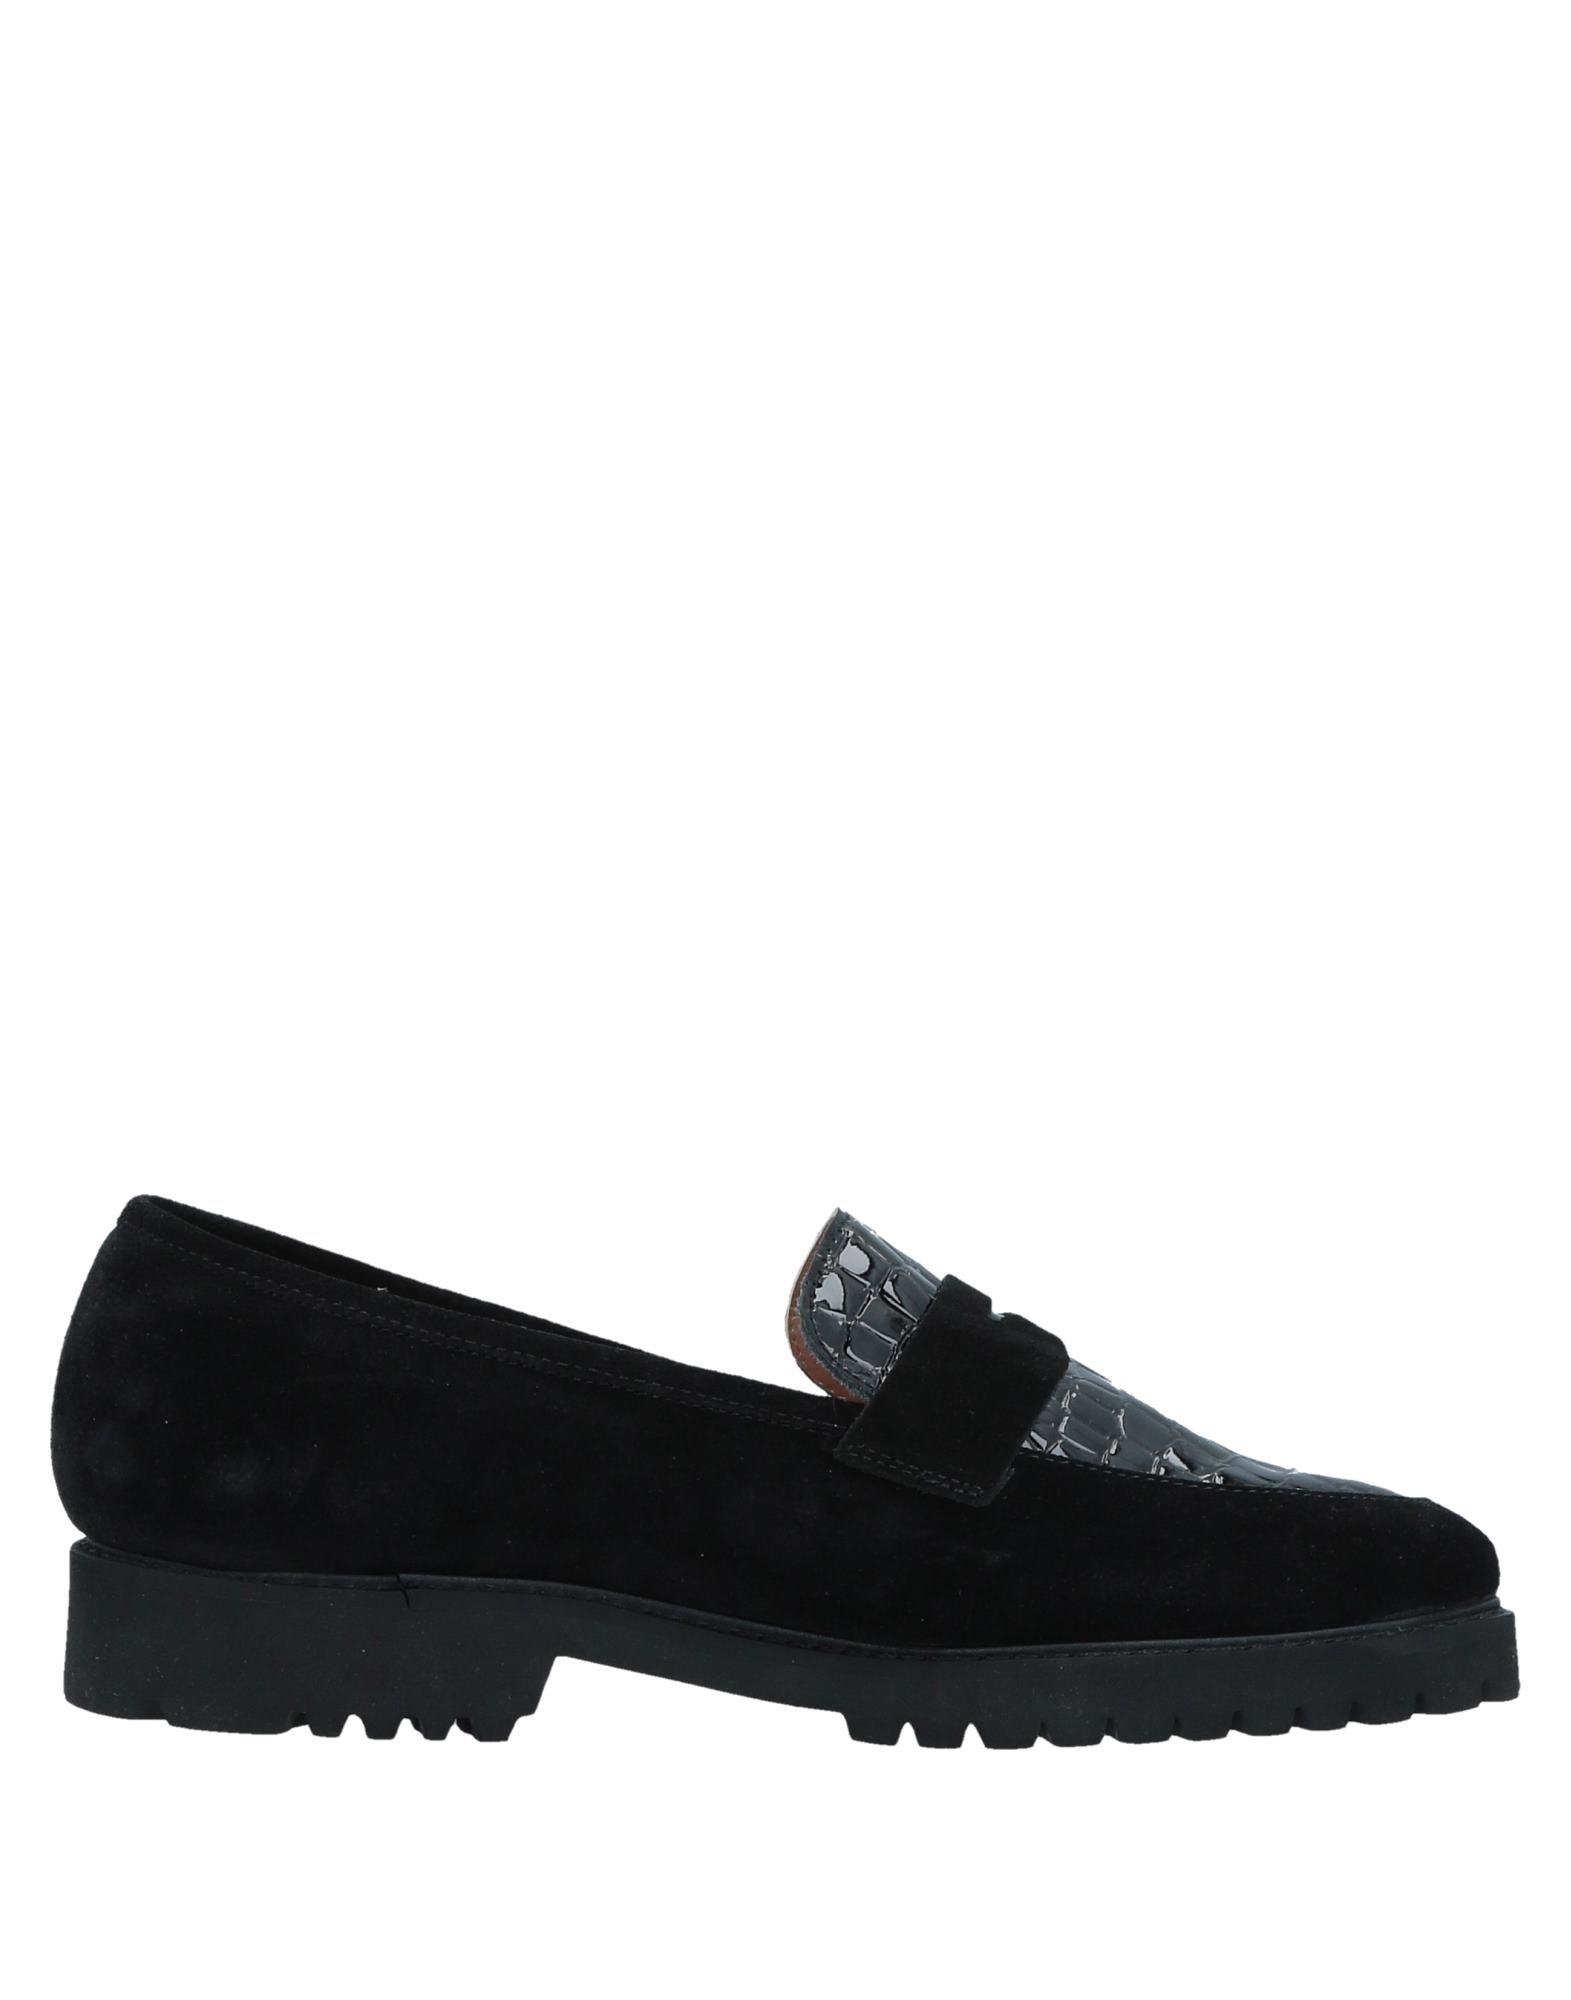 Sneakers Lanvin Uomo - 11300413HT Scarpe economiche e buone